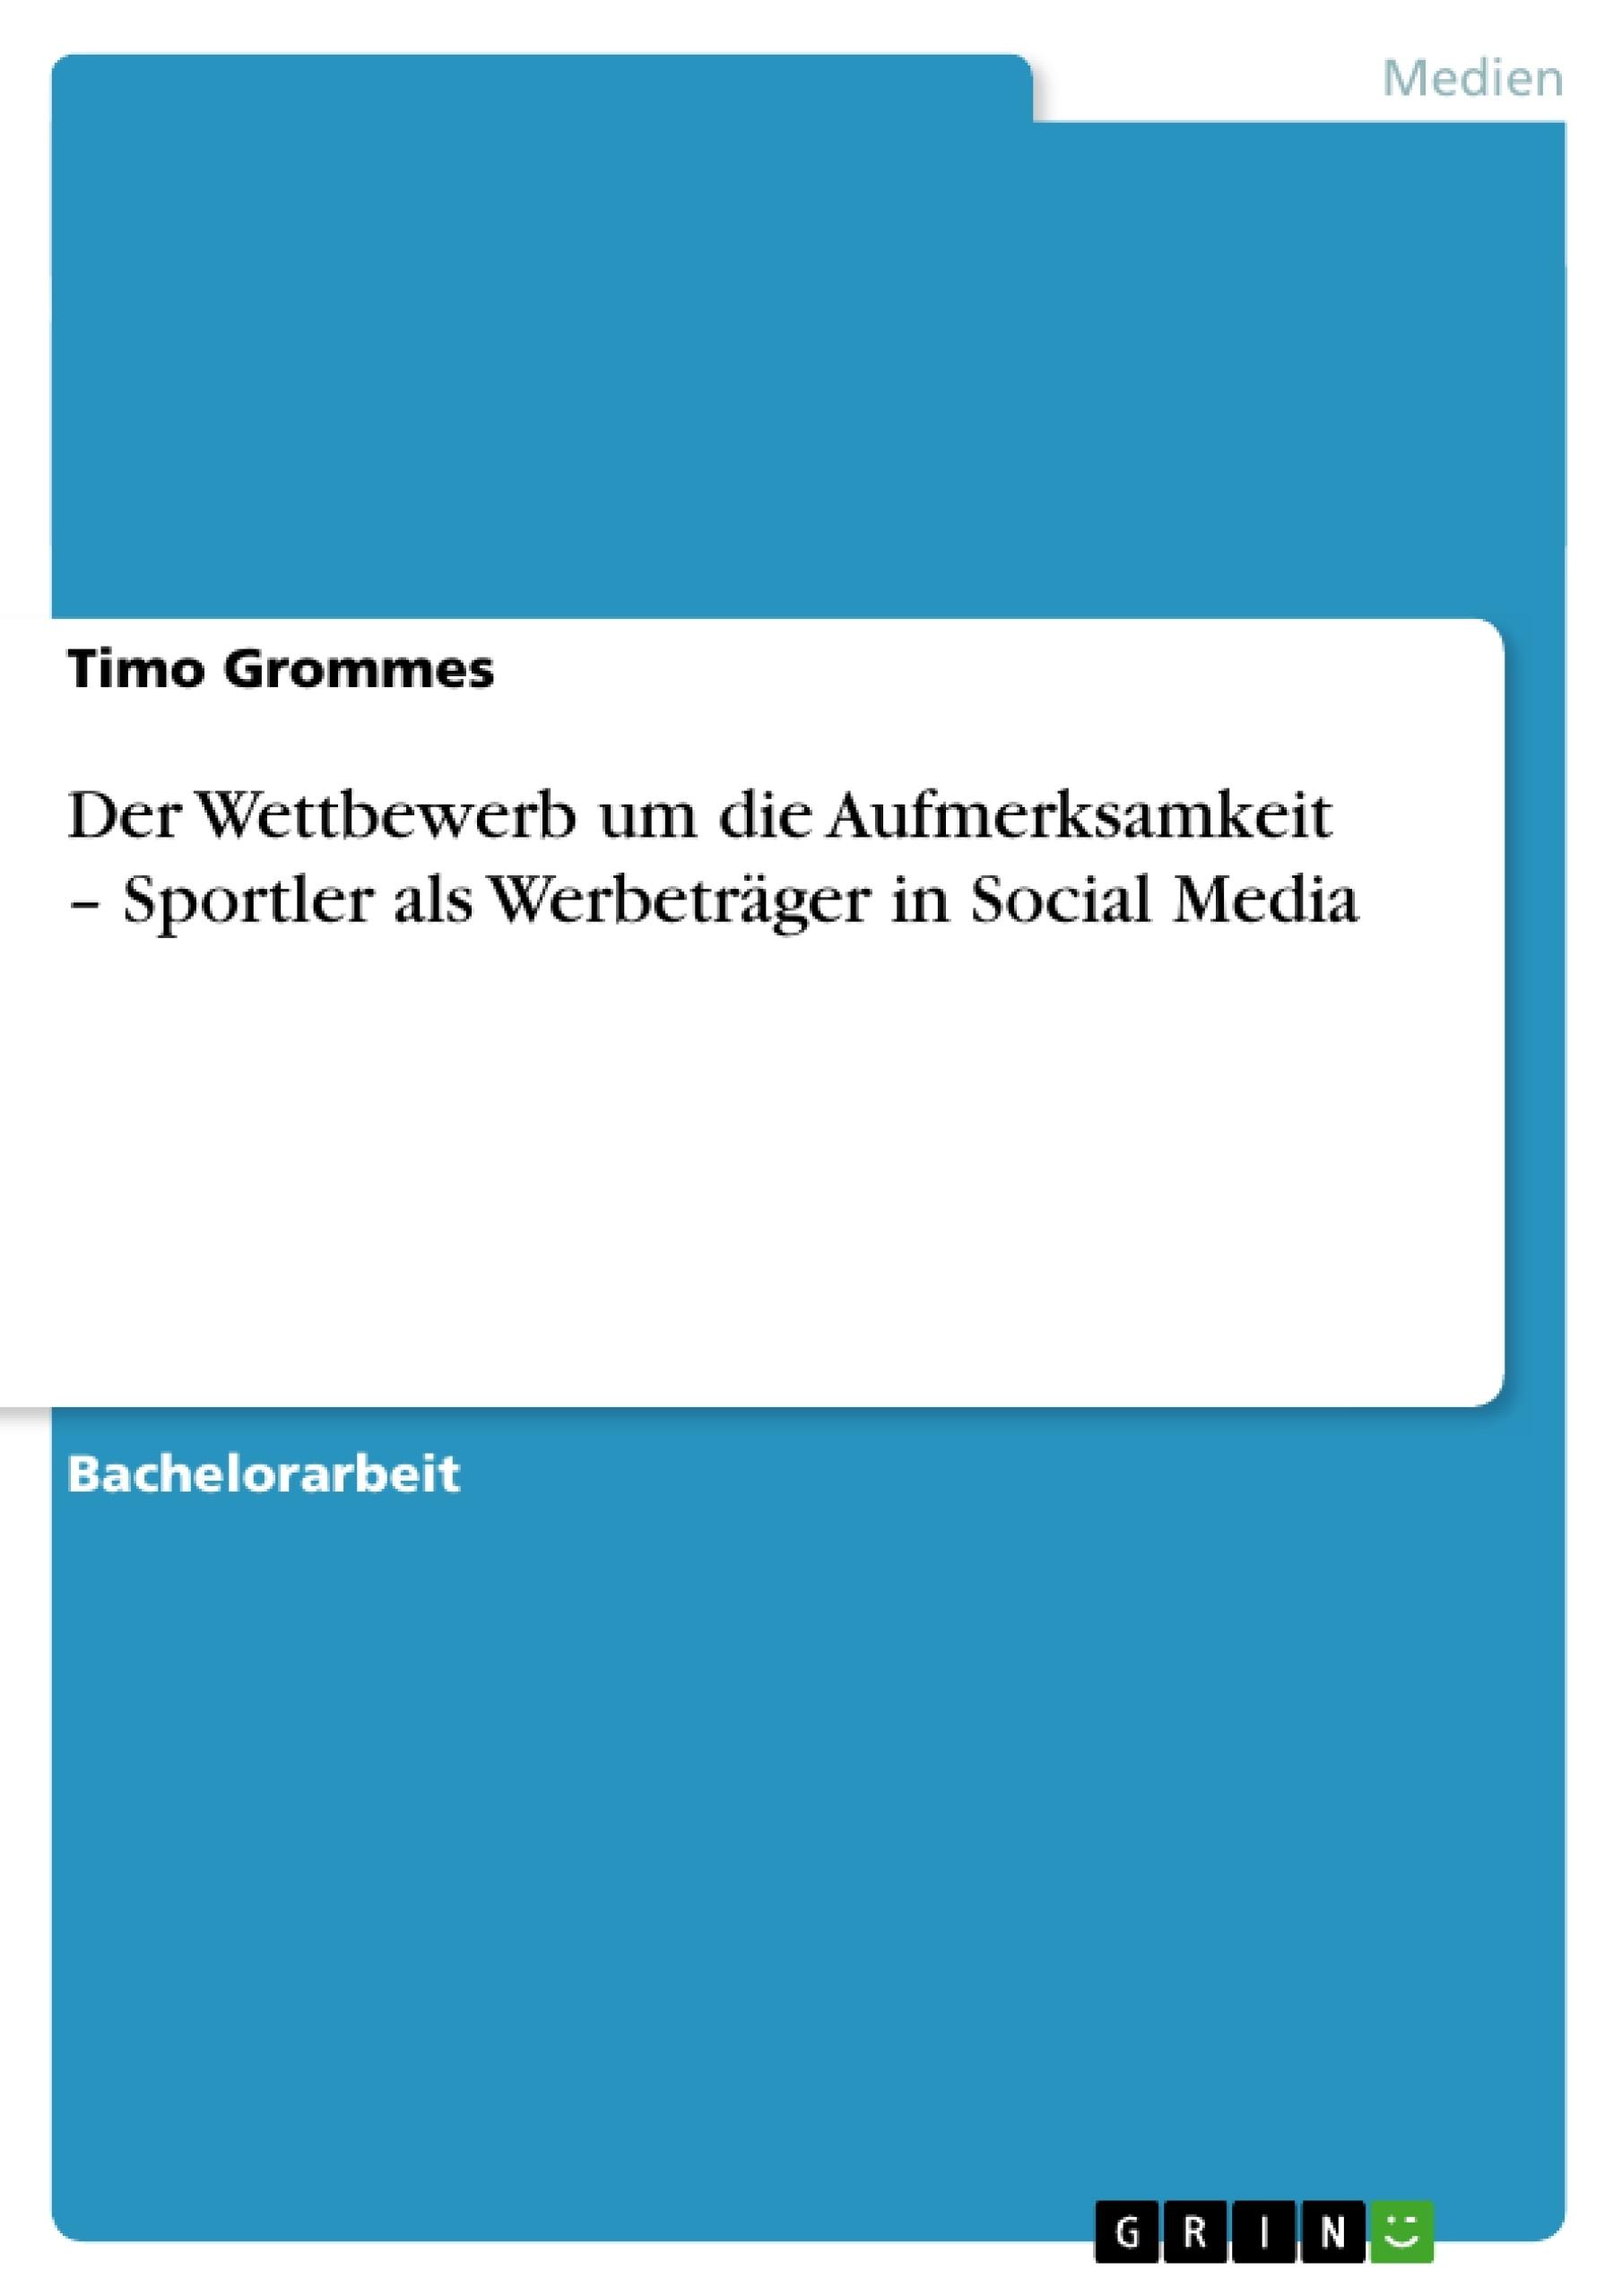 Titel: Der Wettbewerb um die Aufmerksamkeit – Sportler als Werbeträger in Social Media